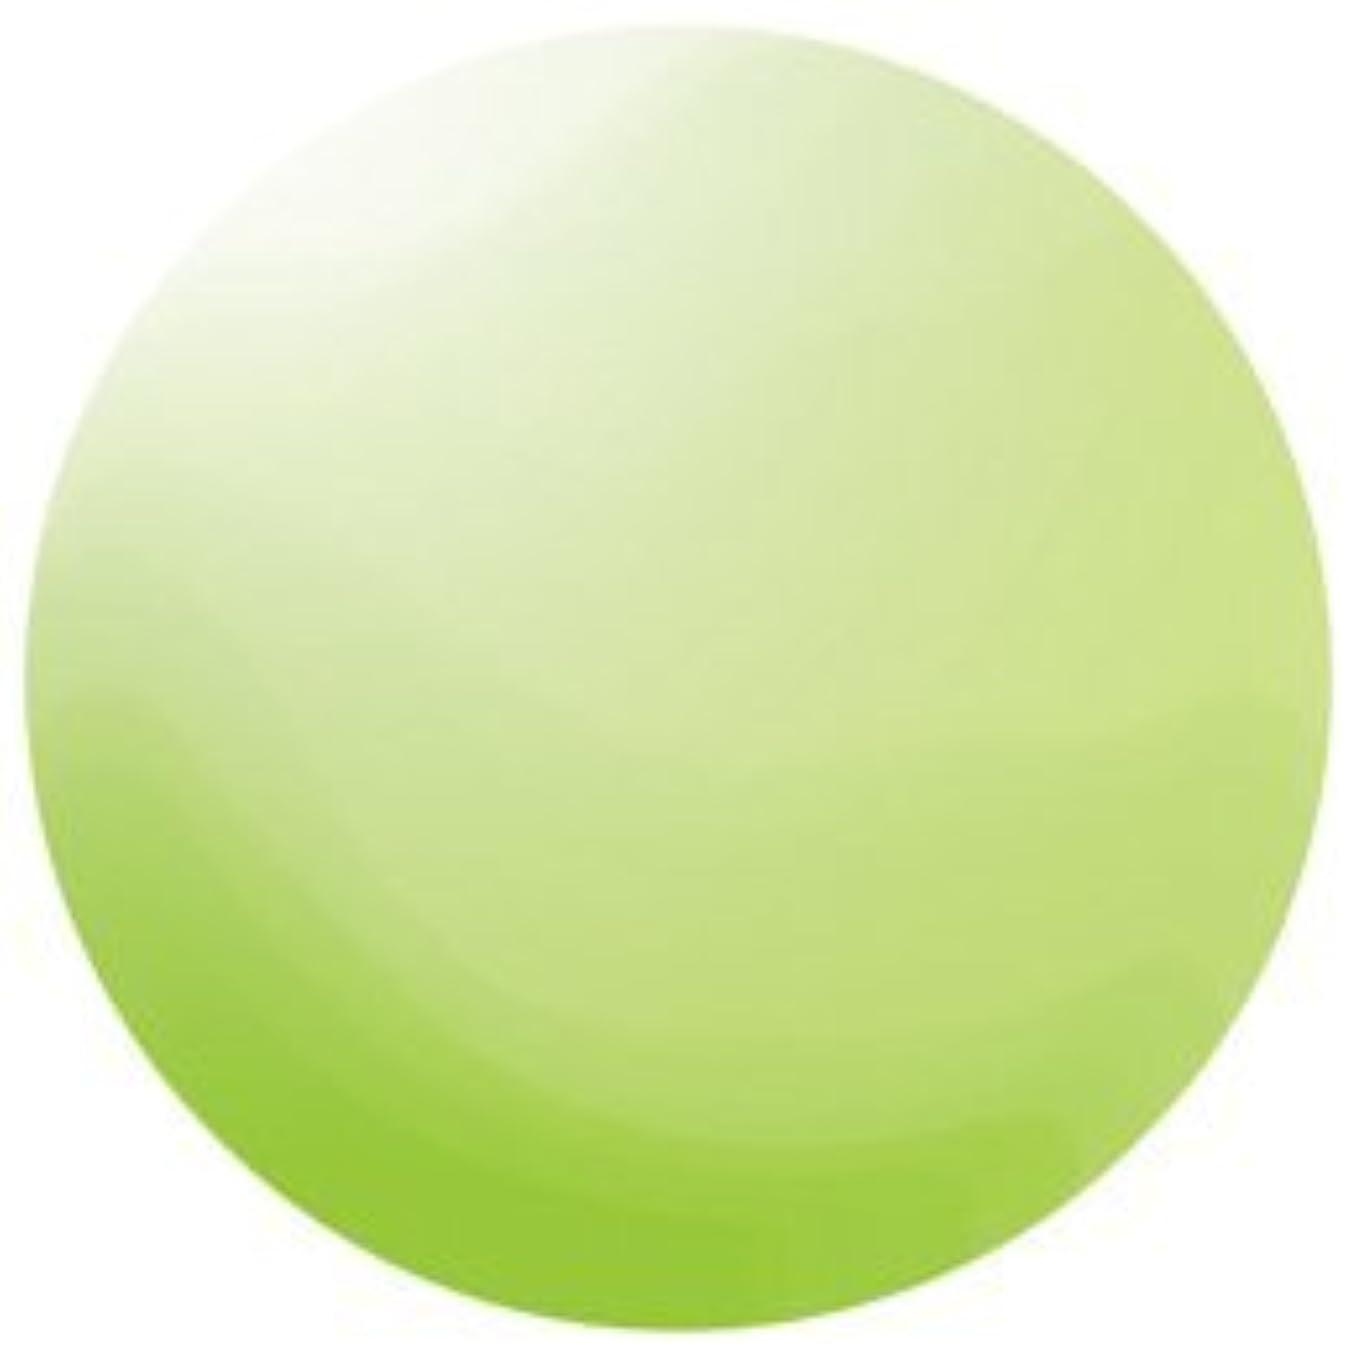 育成高いブロンズKOKOIST カラージェル E-136 4g ペリドットグリーンビーチグラス